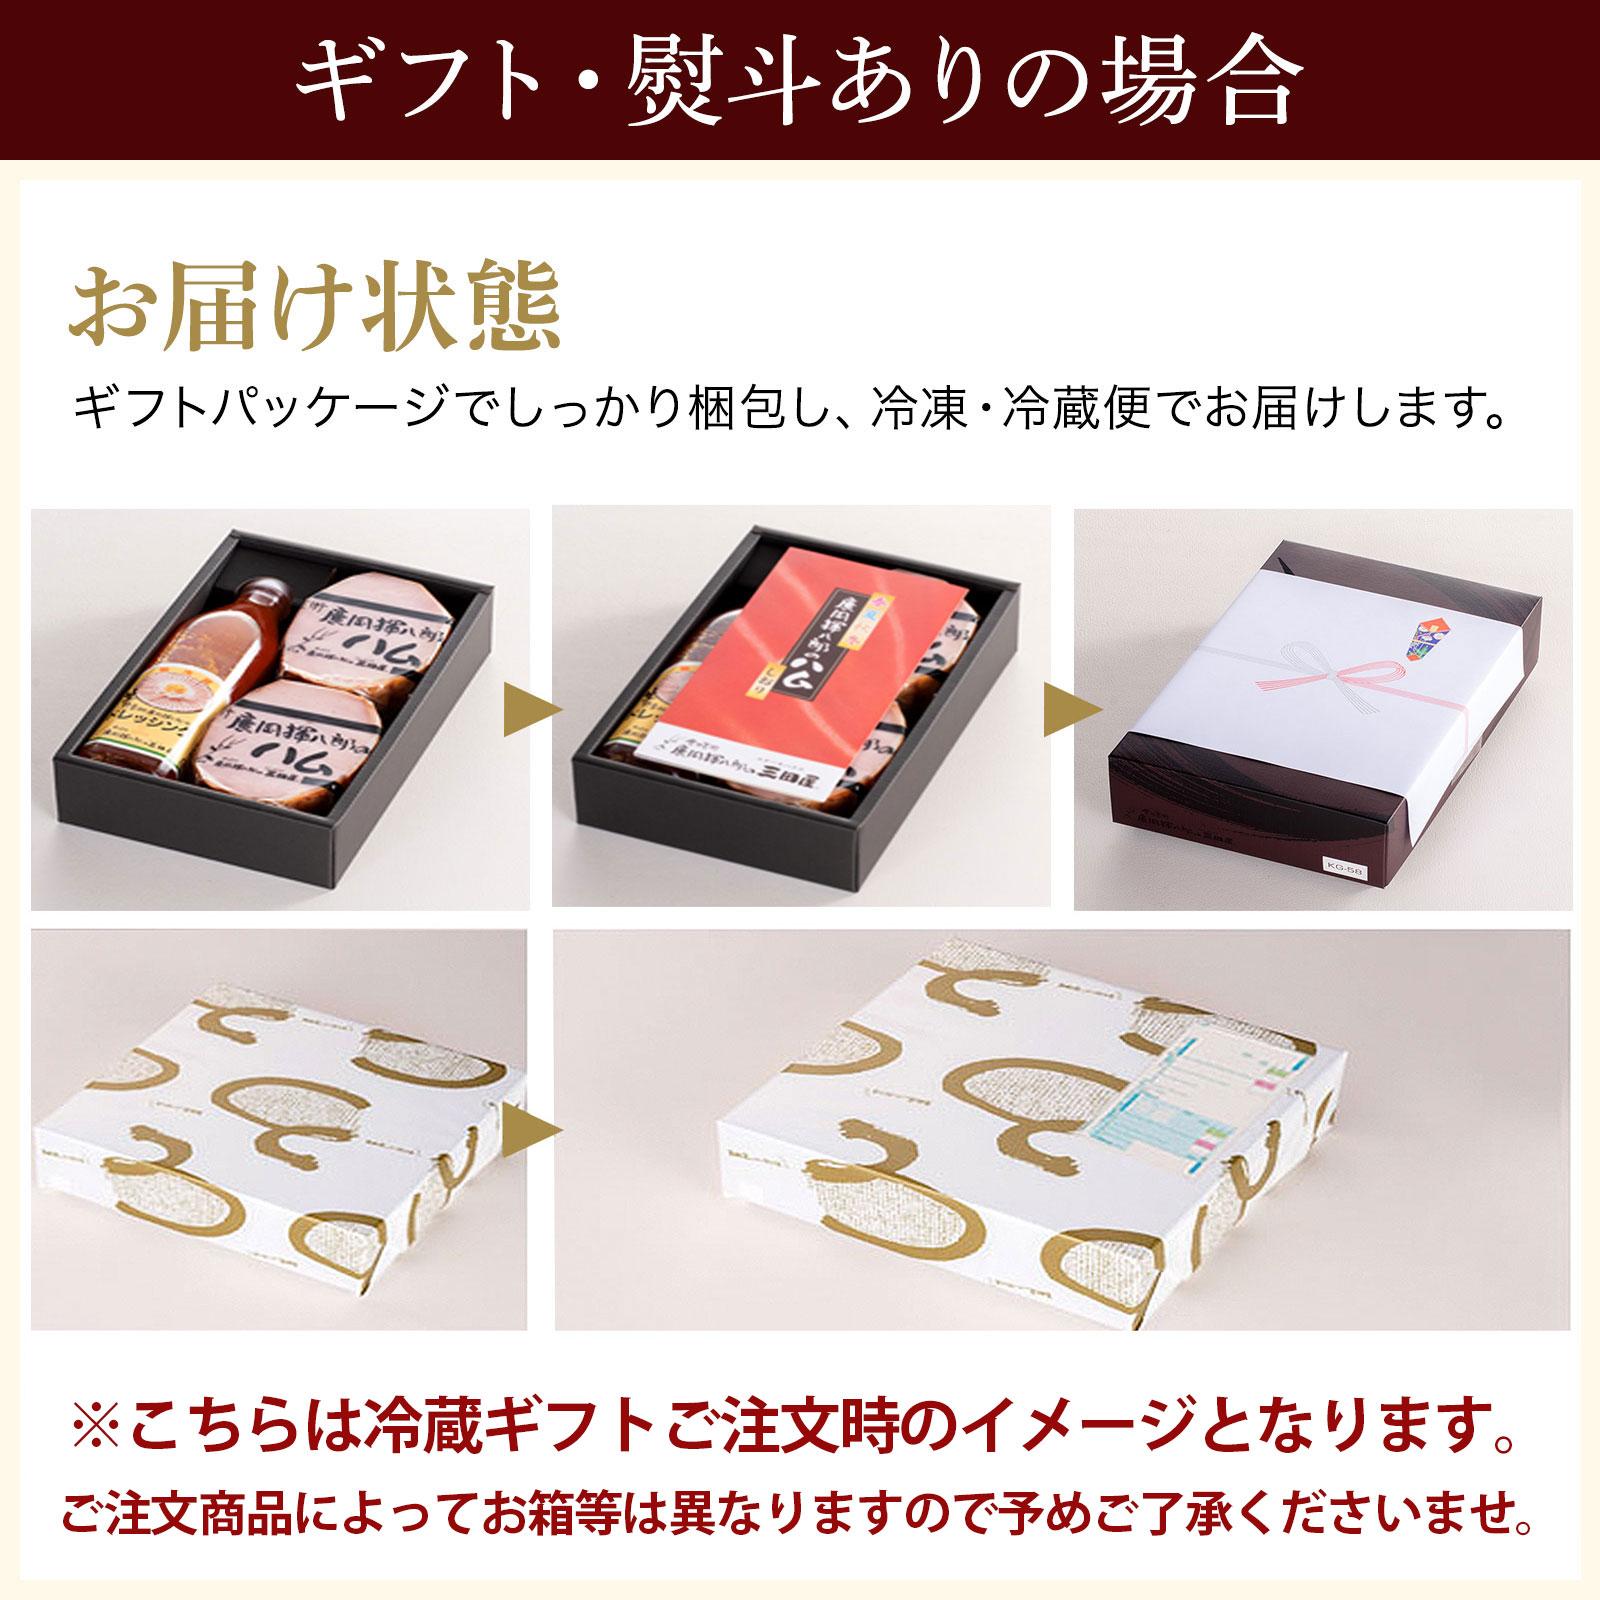 【冷蔵】手燻揮八郎 ハム 635g の ギフト セット(KG-68N)